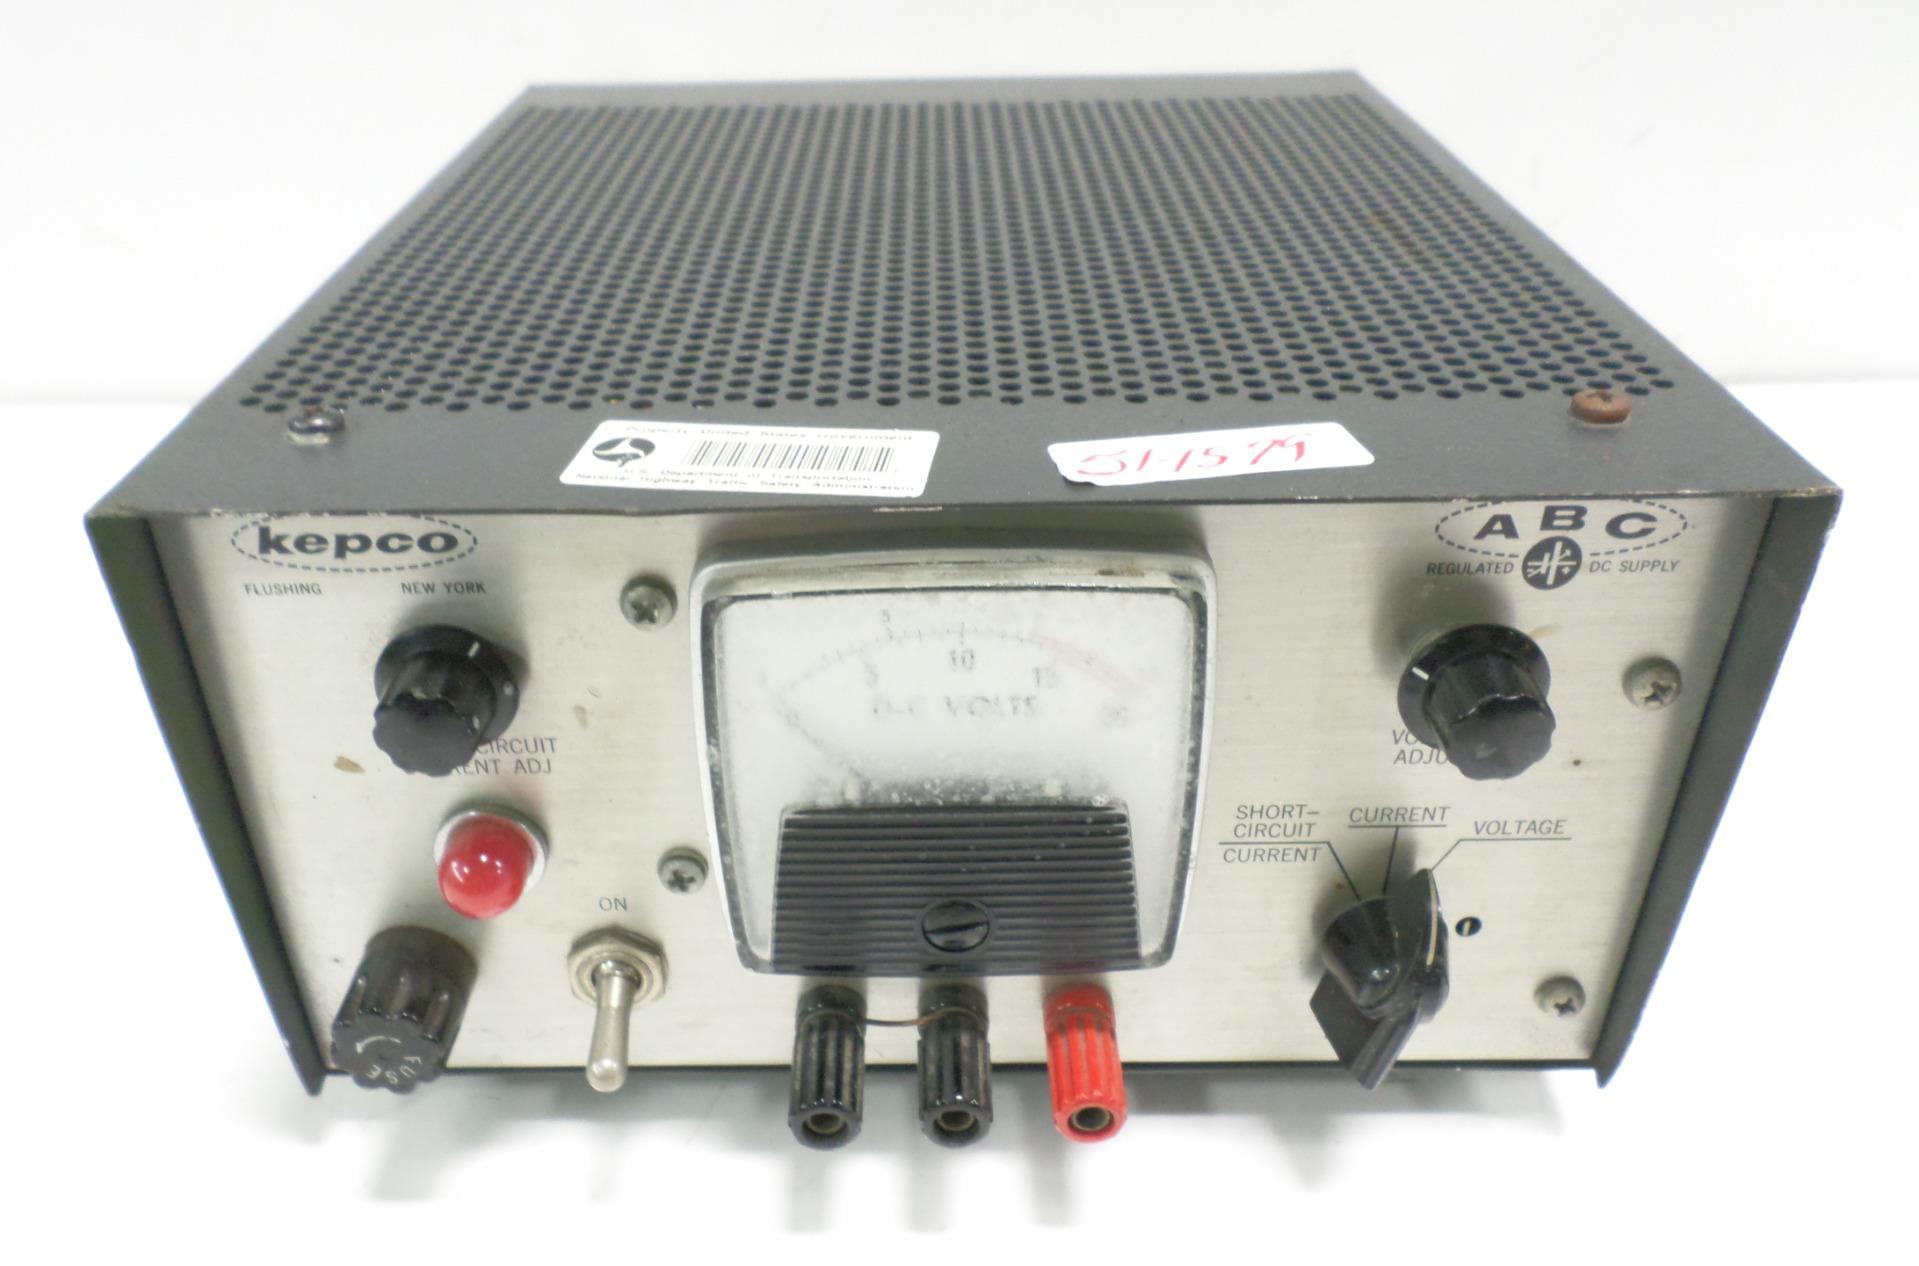 Kepco 0 15v 1a Regulated Dc Power Supply Abc 15 1 Ebay